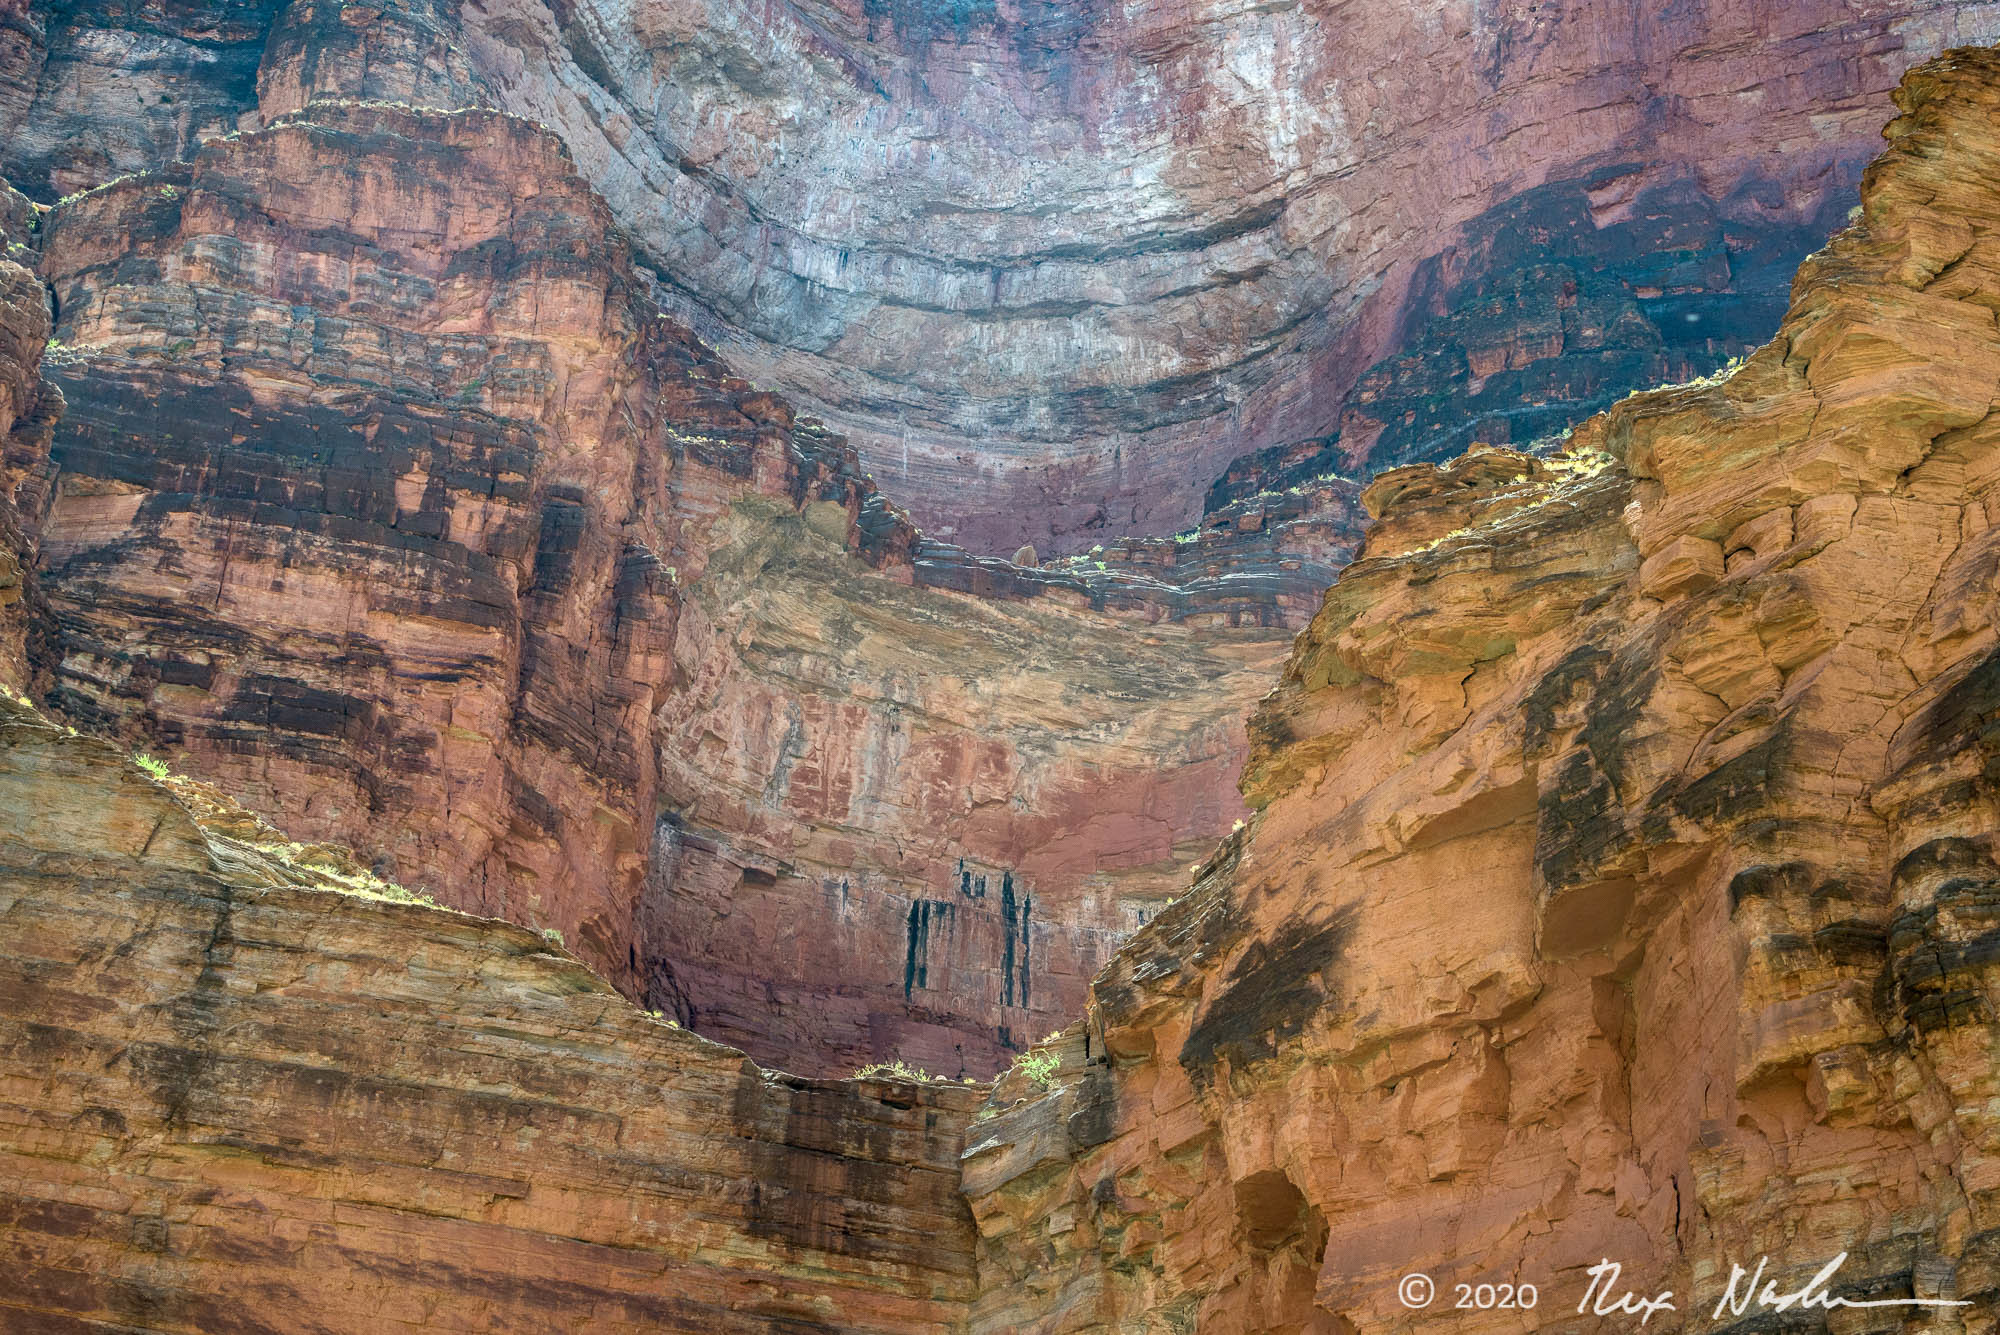 Dome of Light - Colorado River